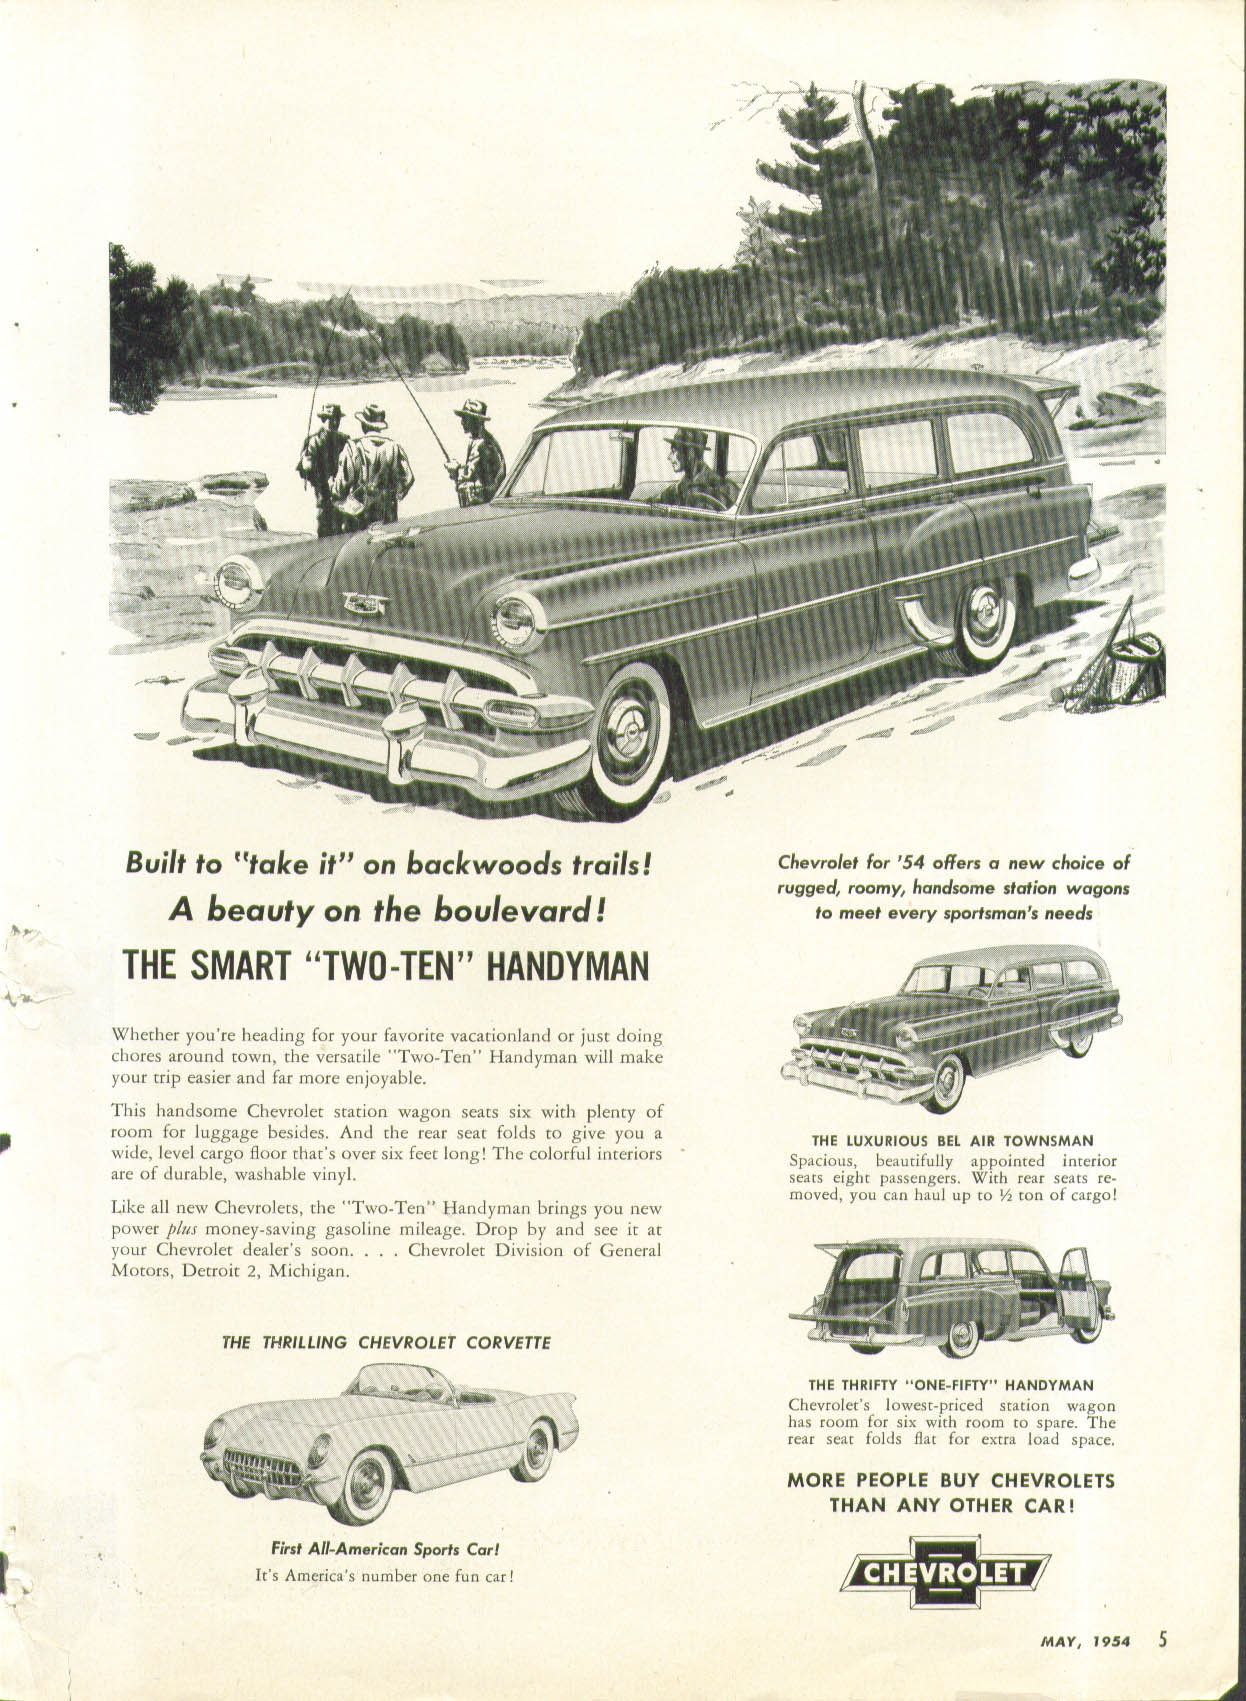 Built to take it Chevrolet Corvette Two-Ten Handyman Townsman ad 1954